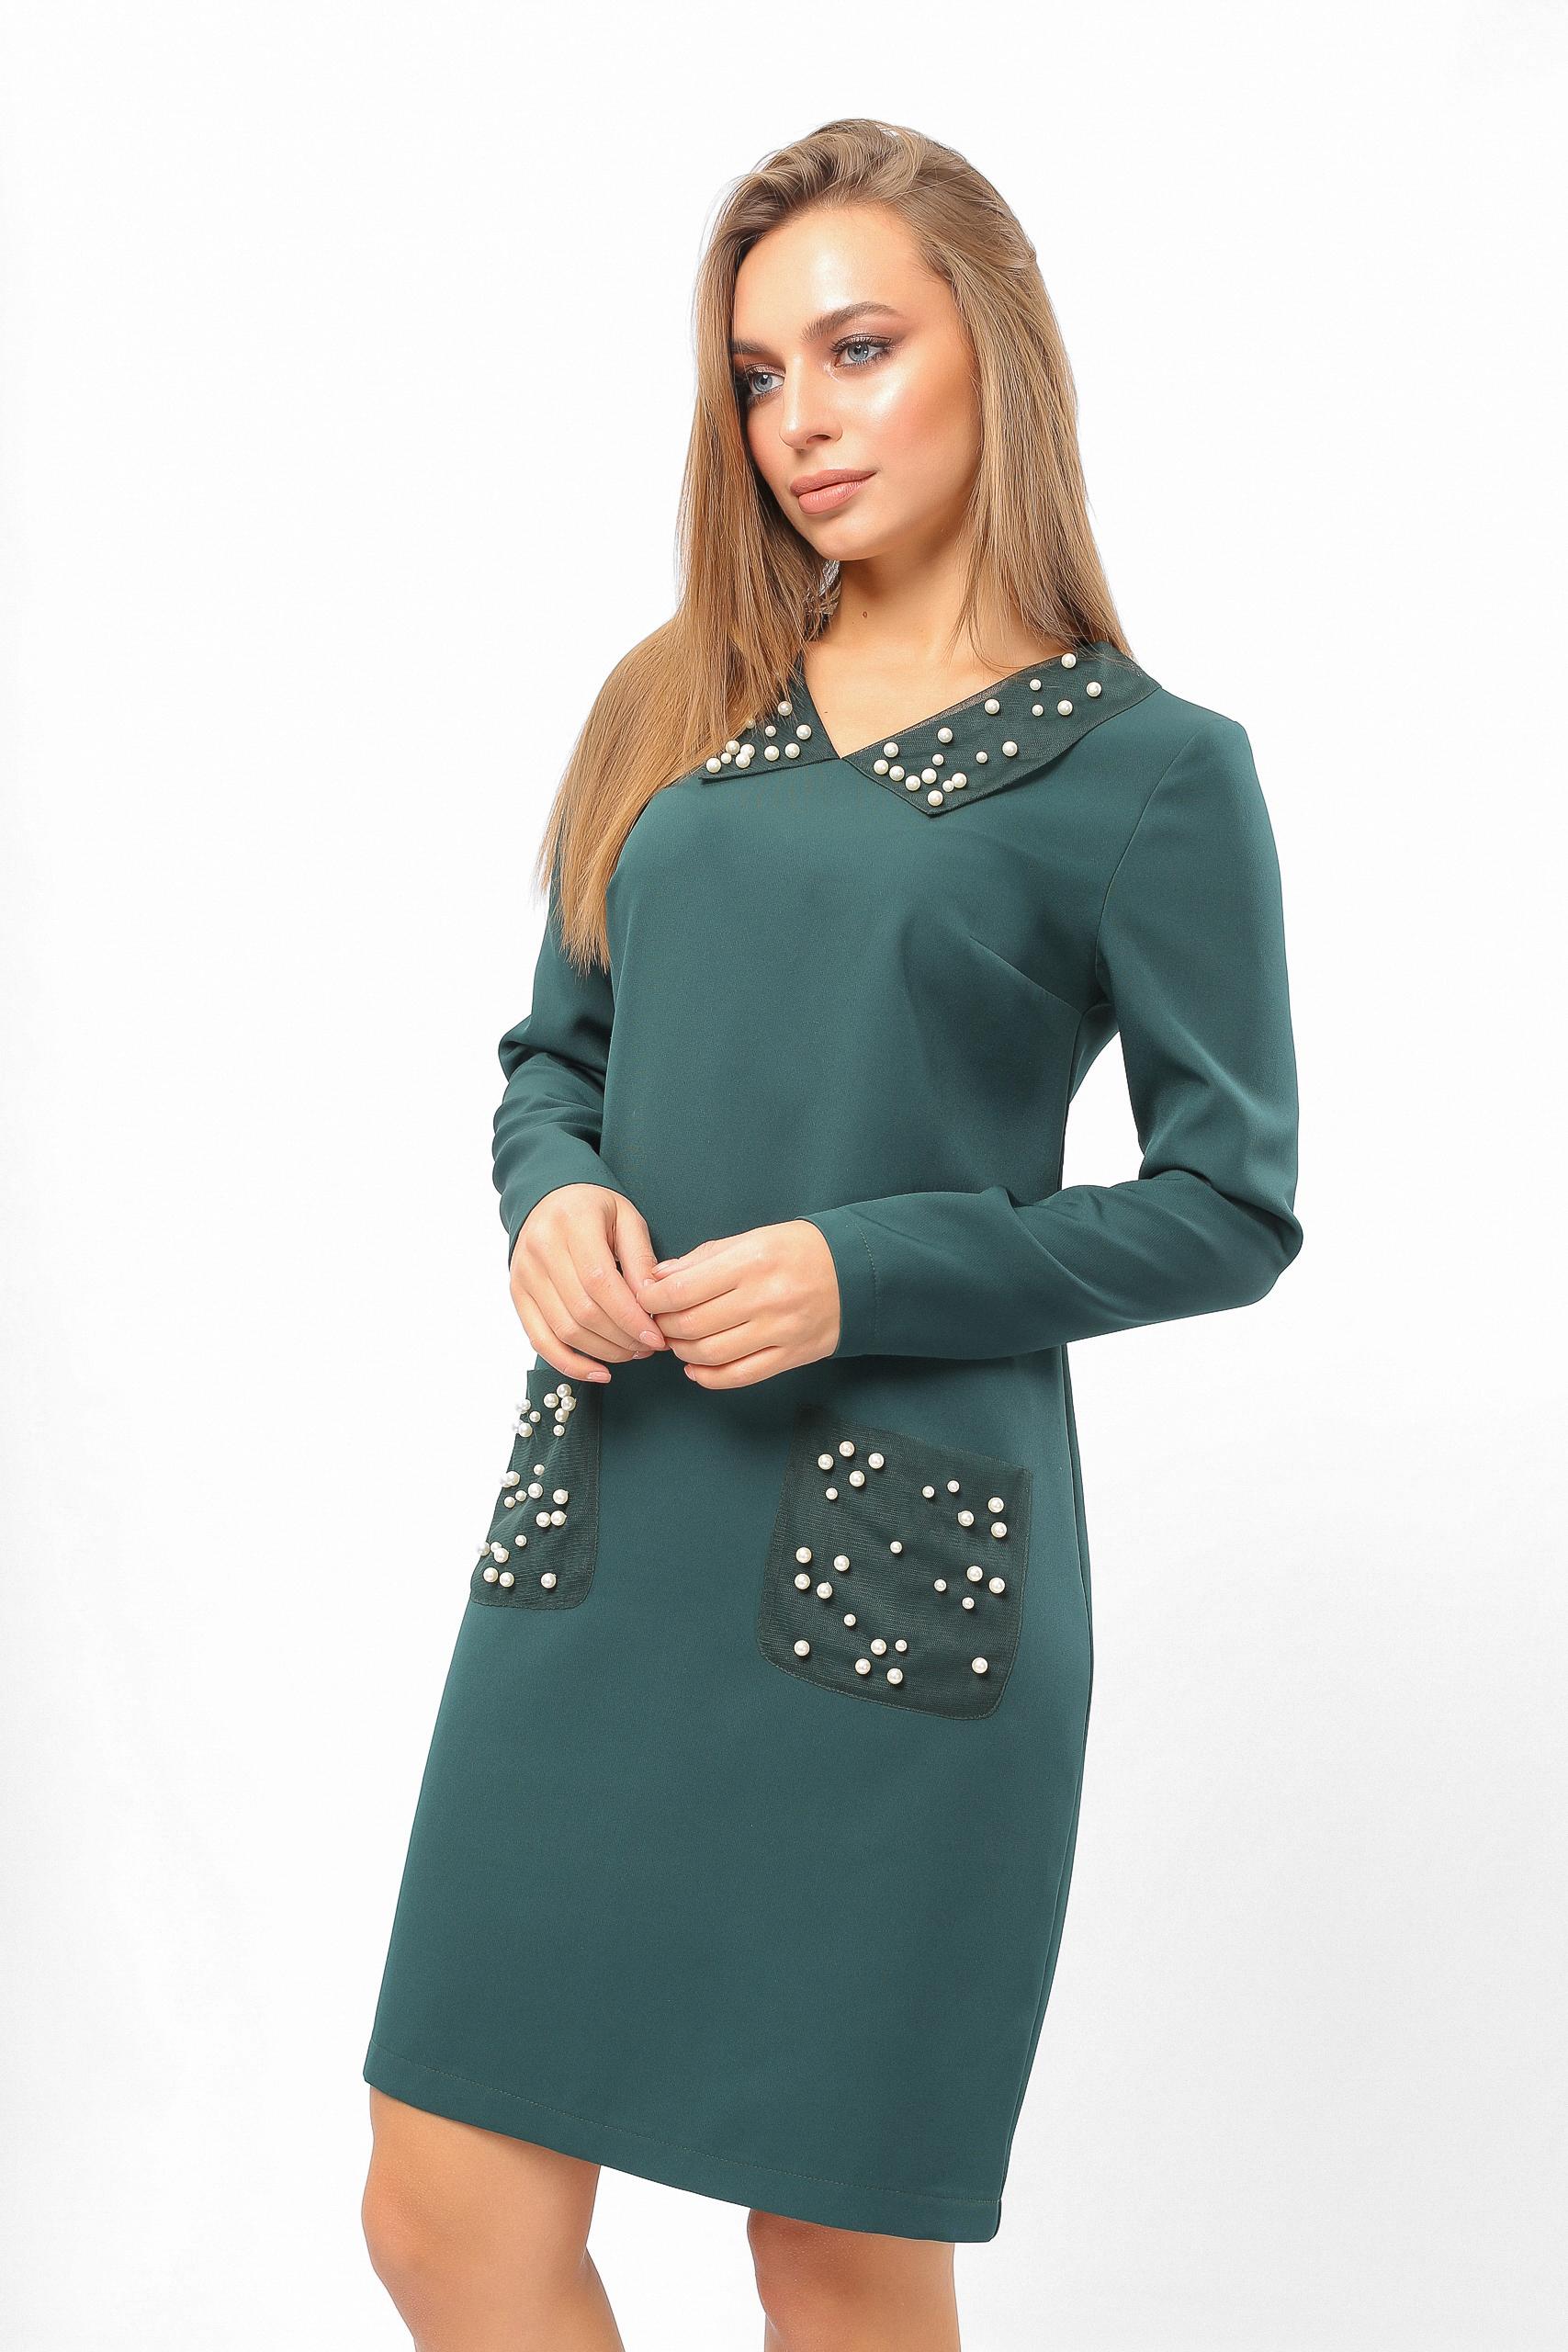 Сукня з перловими кишенями Зелена Lipar